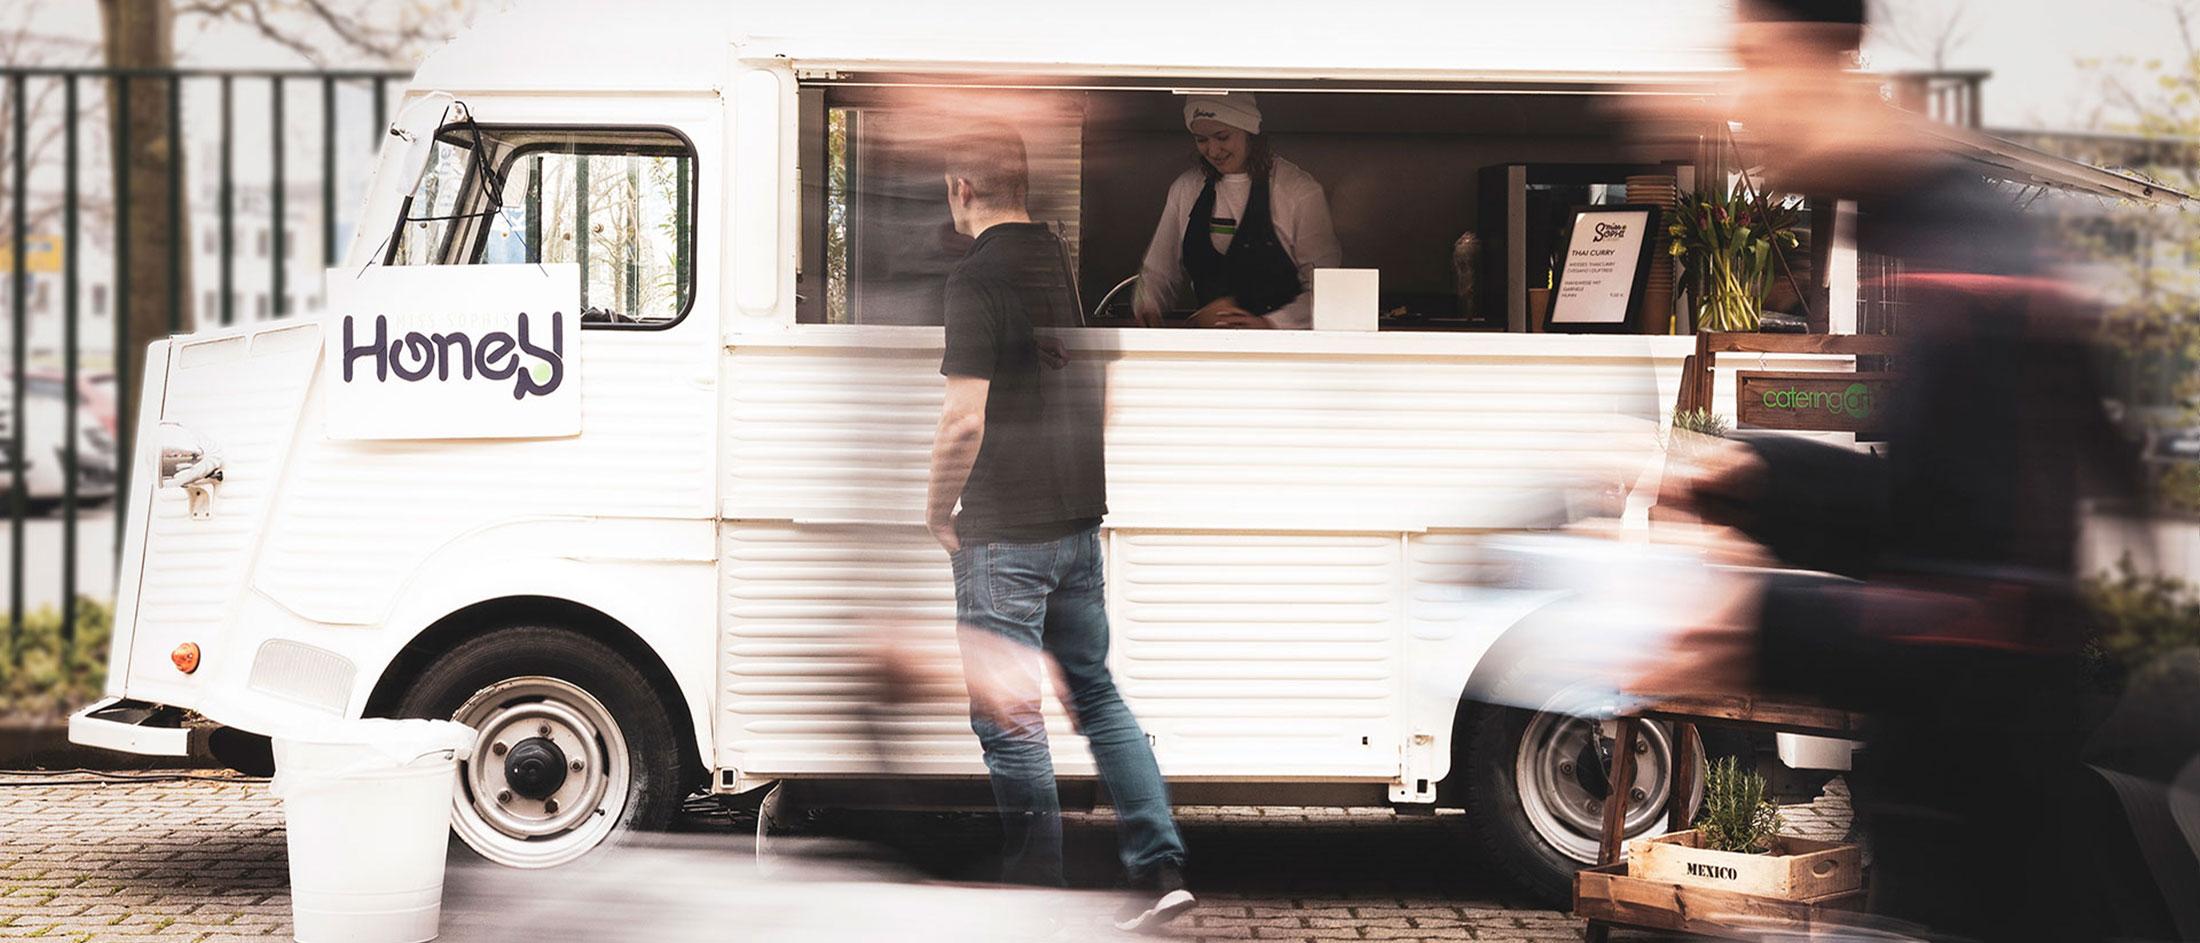 Food-Truck HoneY von cateringart. Im Truck steht eine junge Frau mit einer Schürze, vor dem Truck ein Kunde.